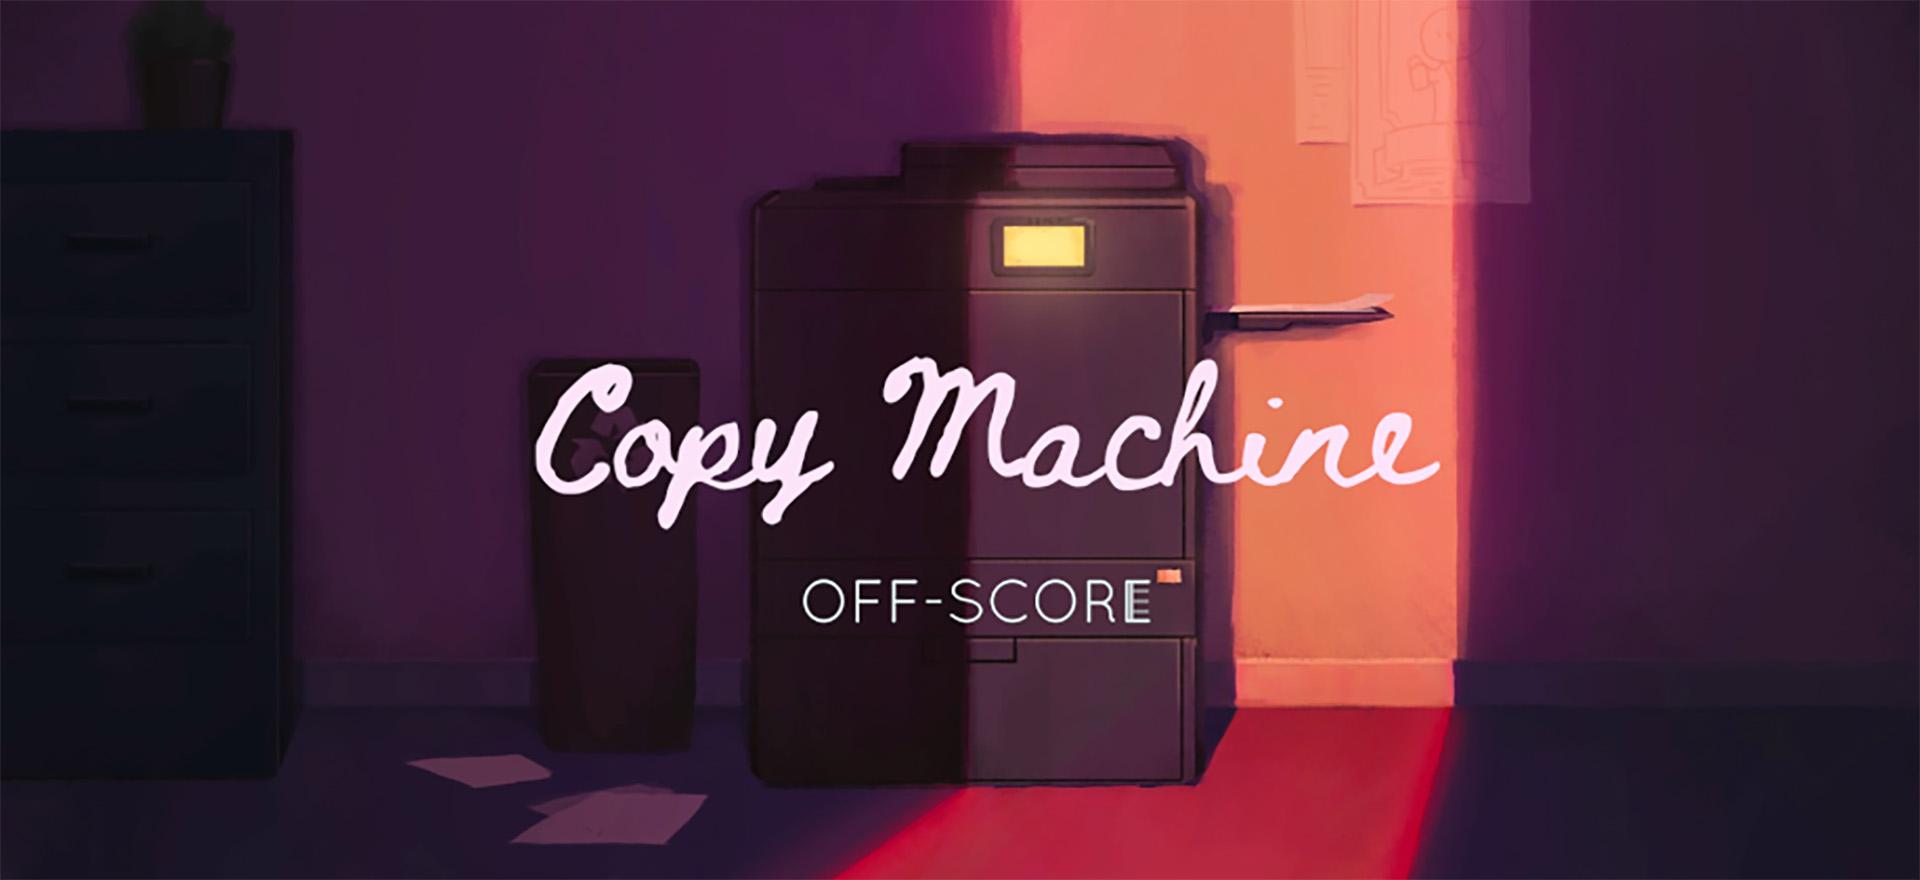 Off-Score: Copy Machine